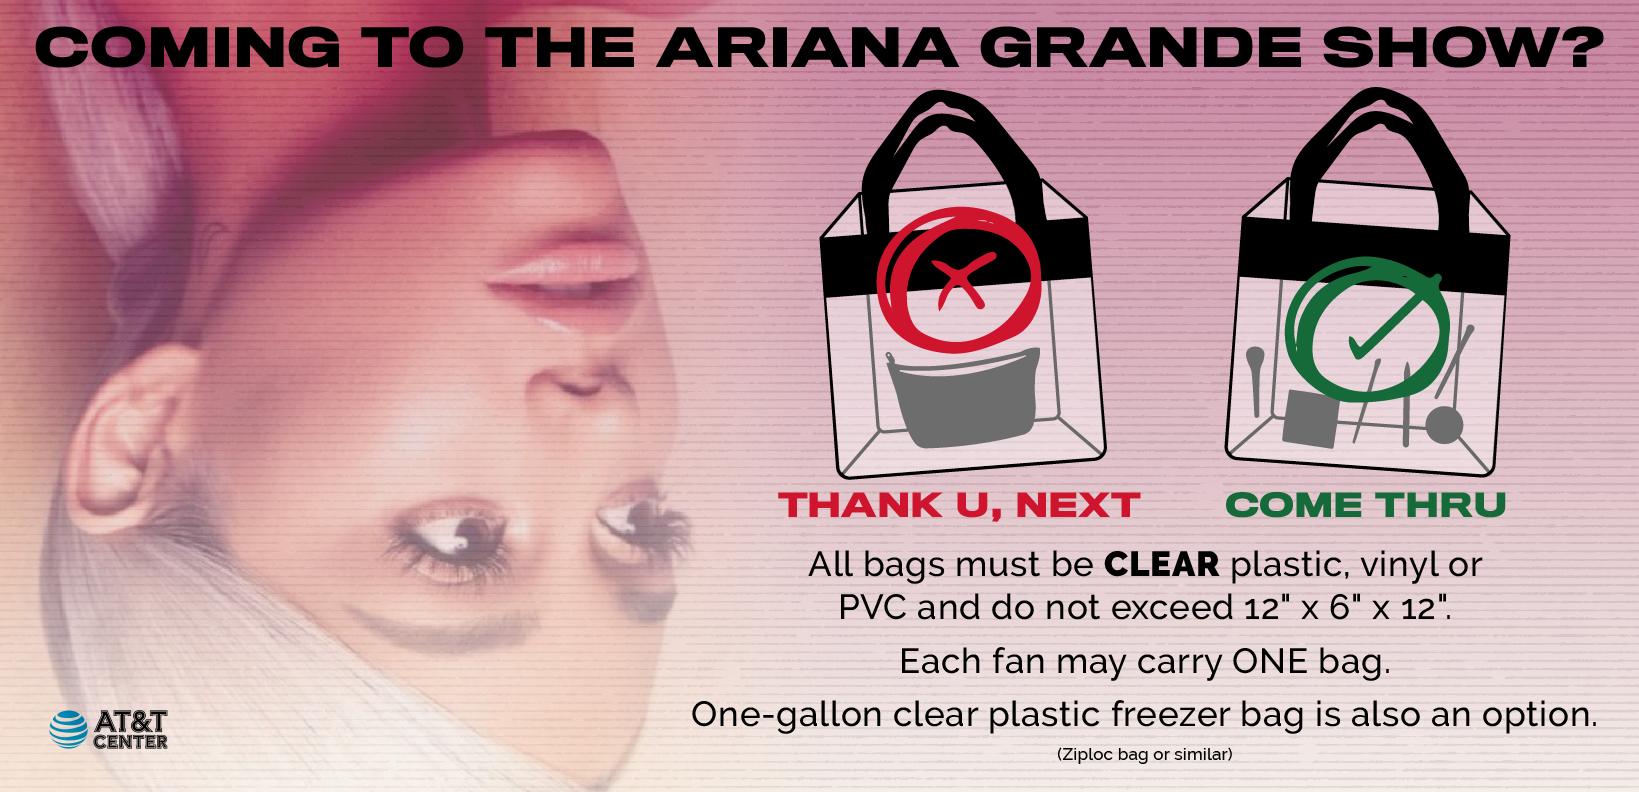 Ariana Grande Att Center